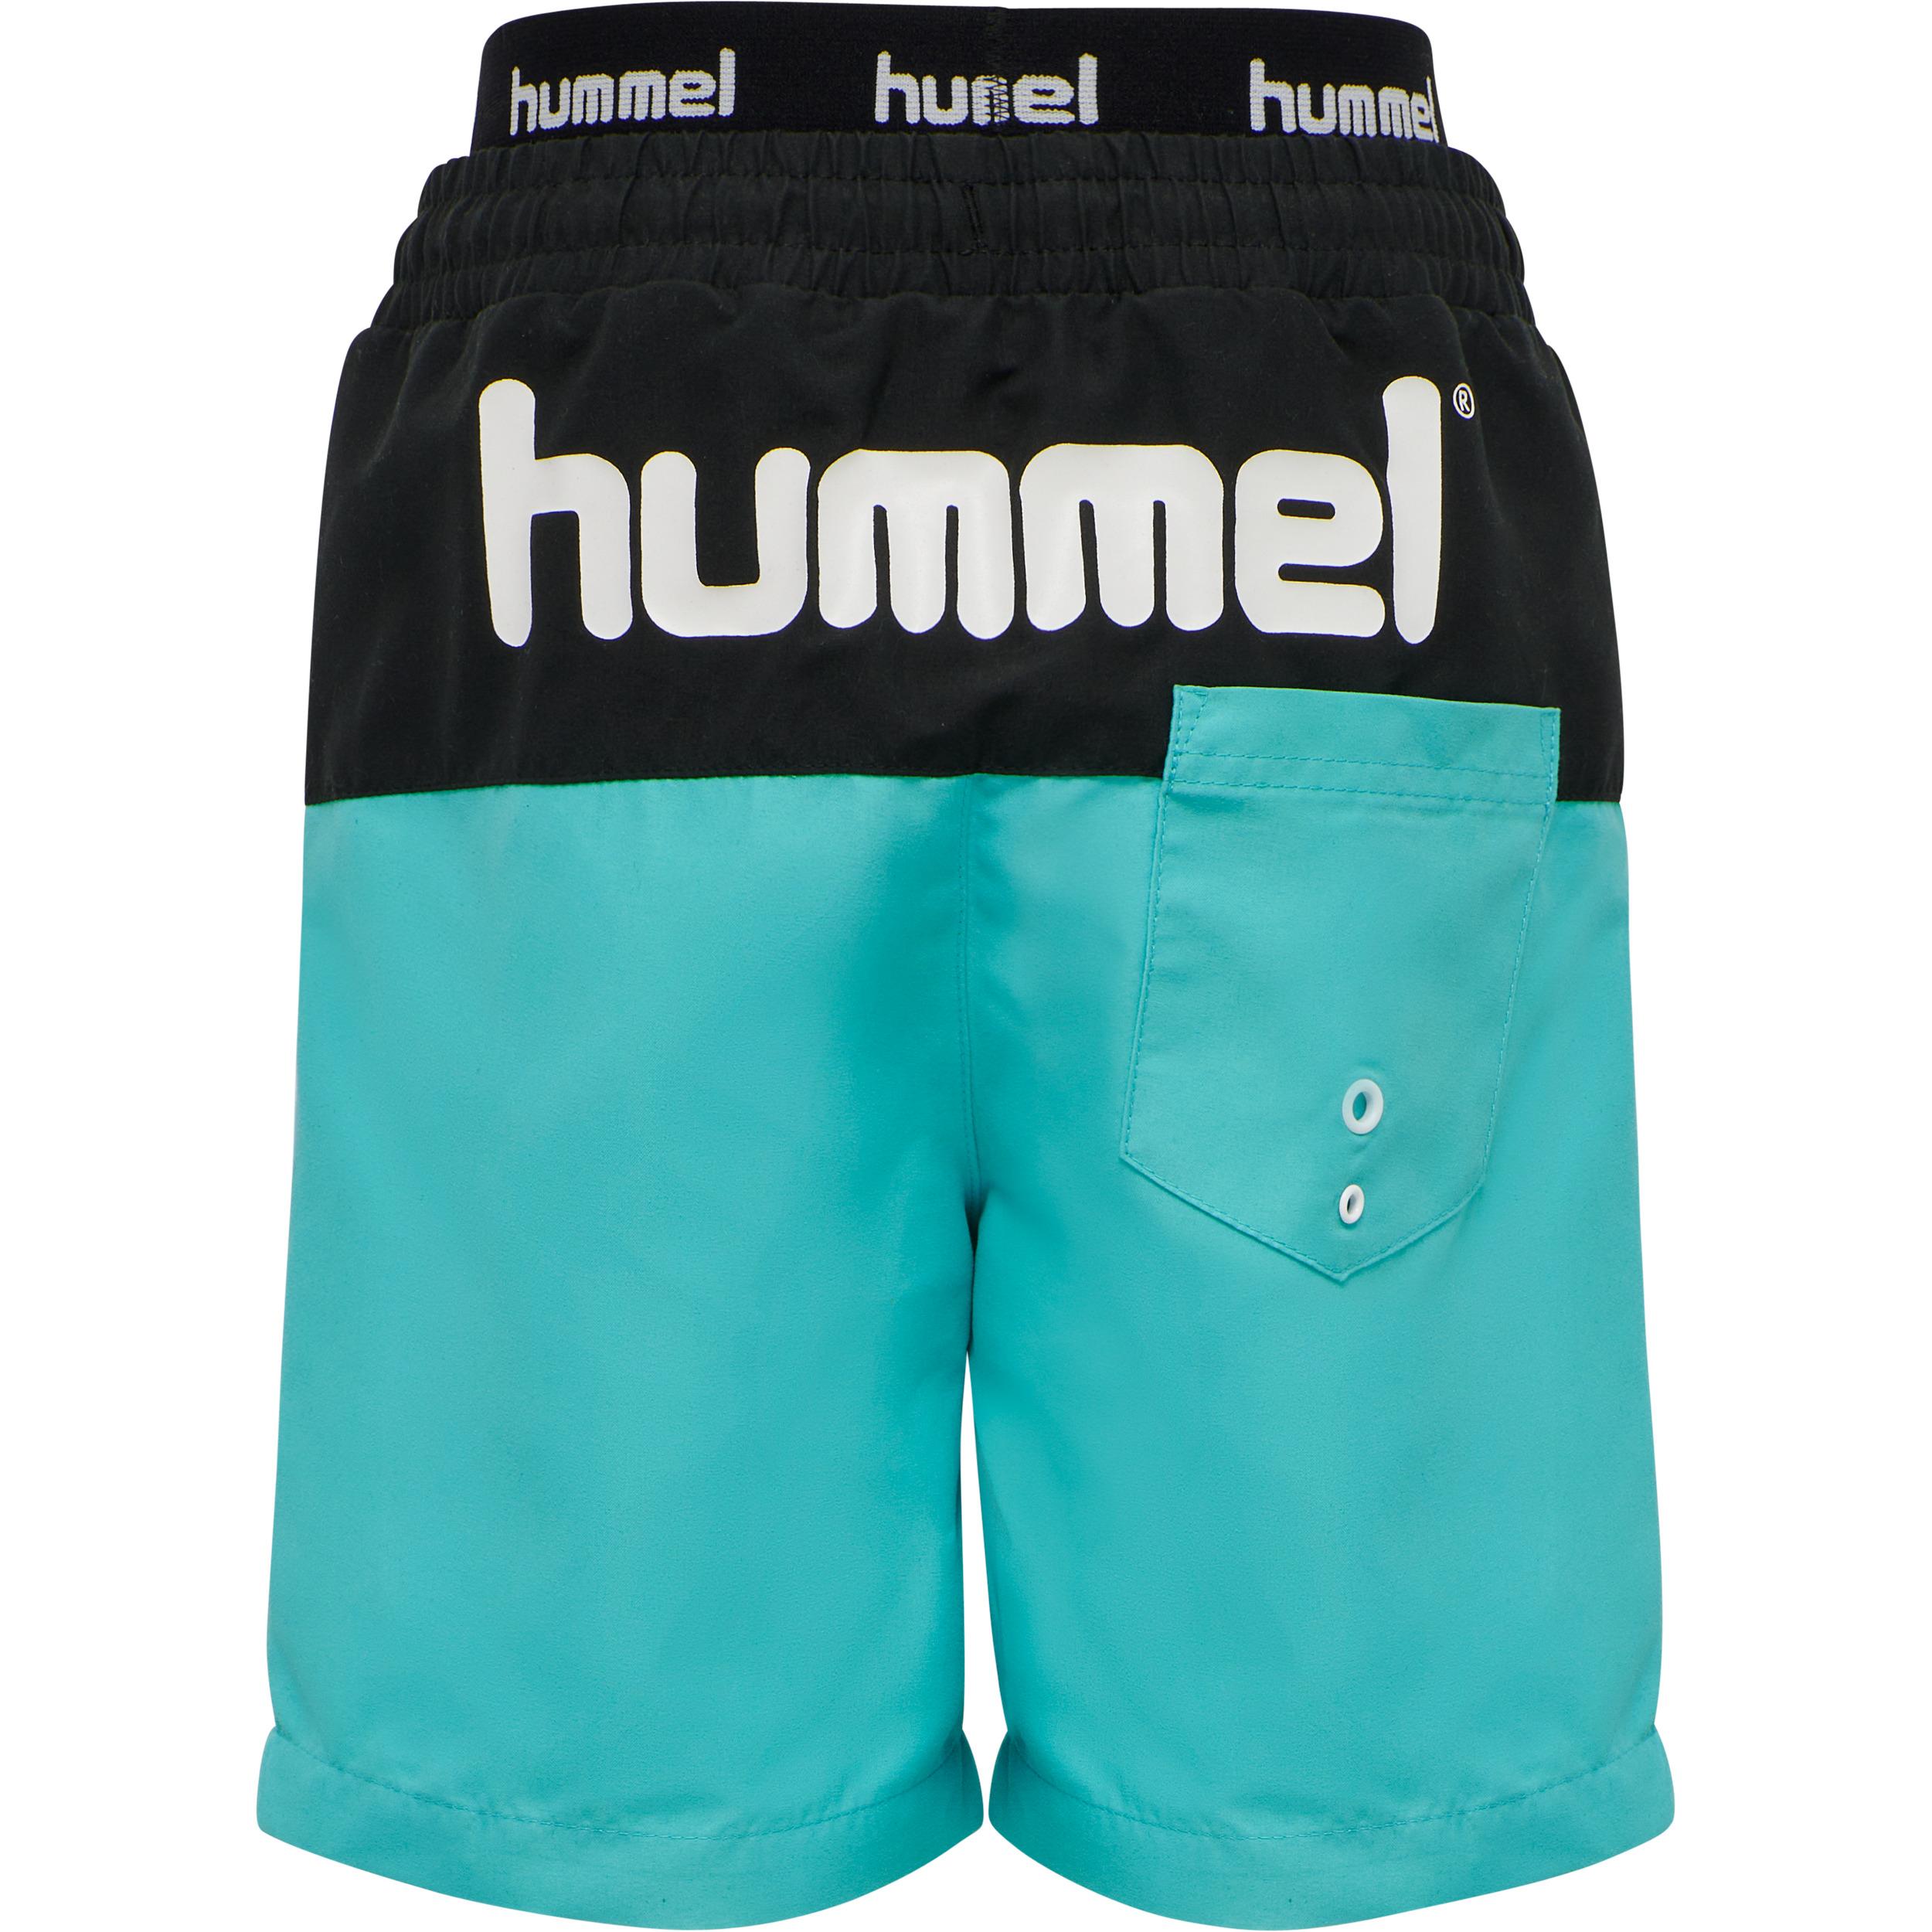 Hummel Garner Board shorts, scuba blue, 104